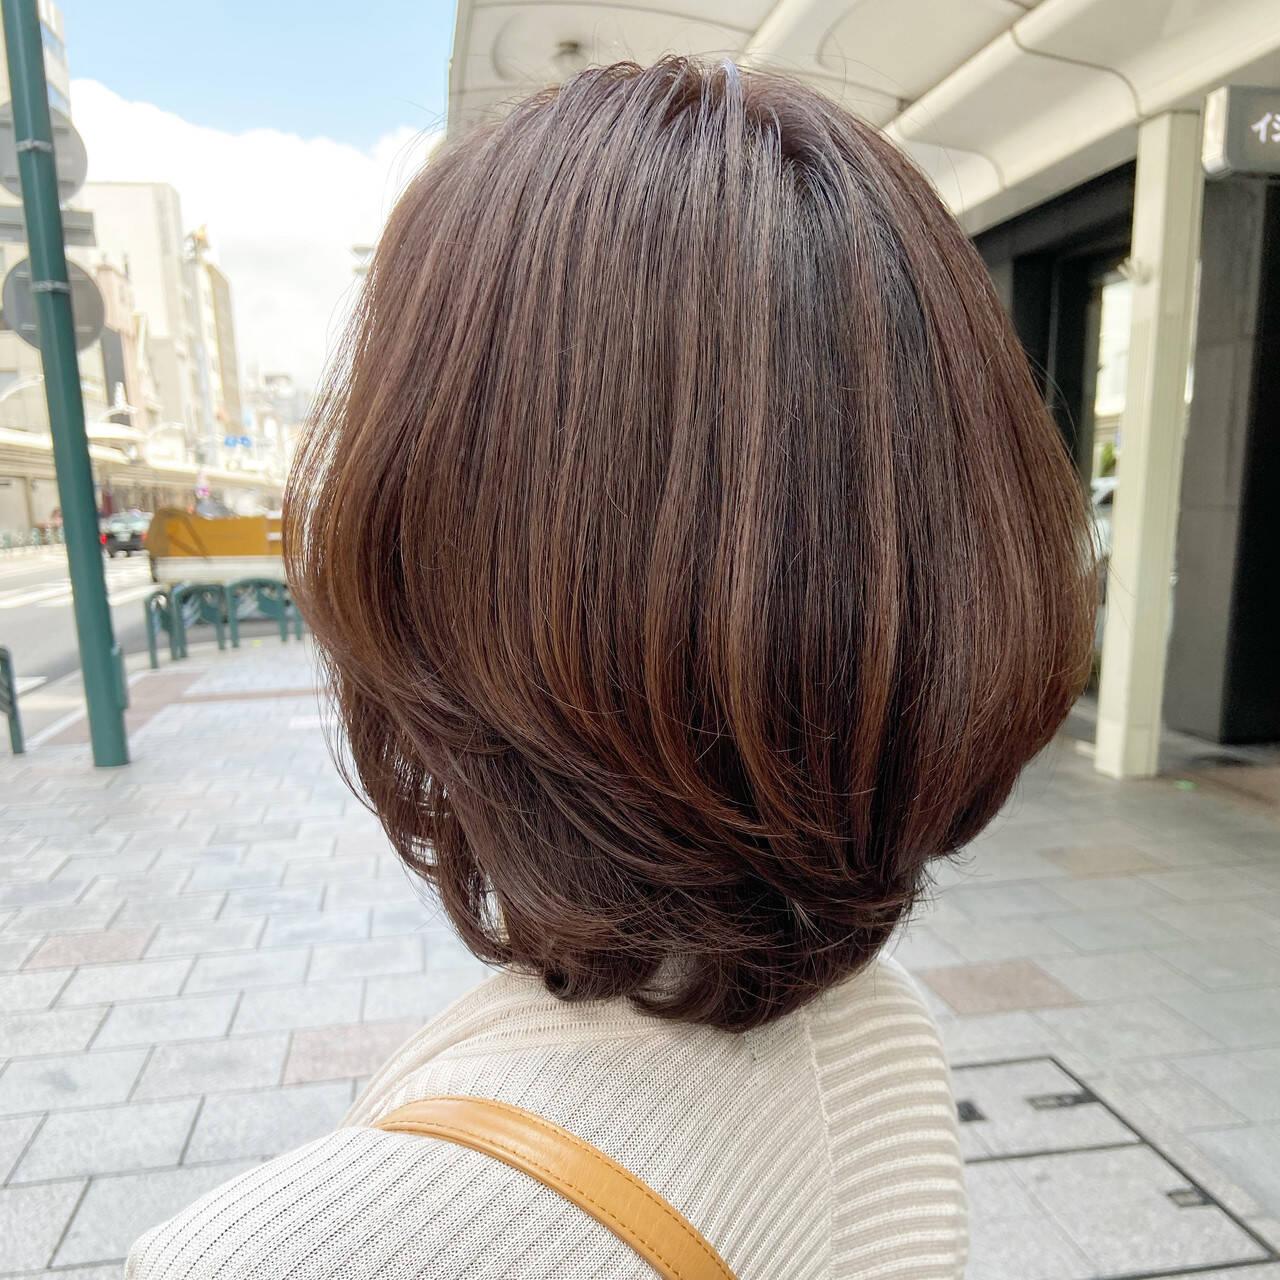 ベージュ ヌーディベージュ フェミニン ミルクティーベージュヘアスタイルや髪型の写真・画像